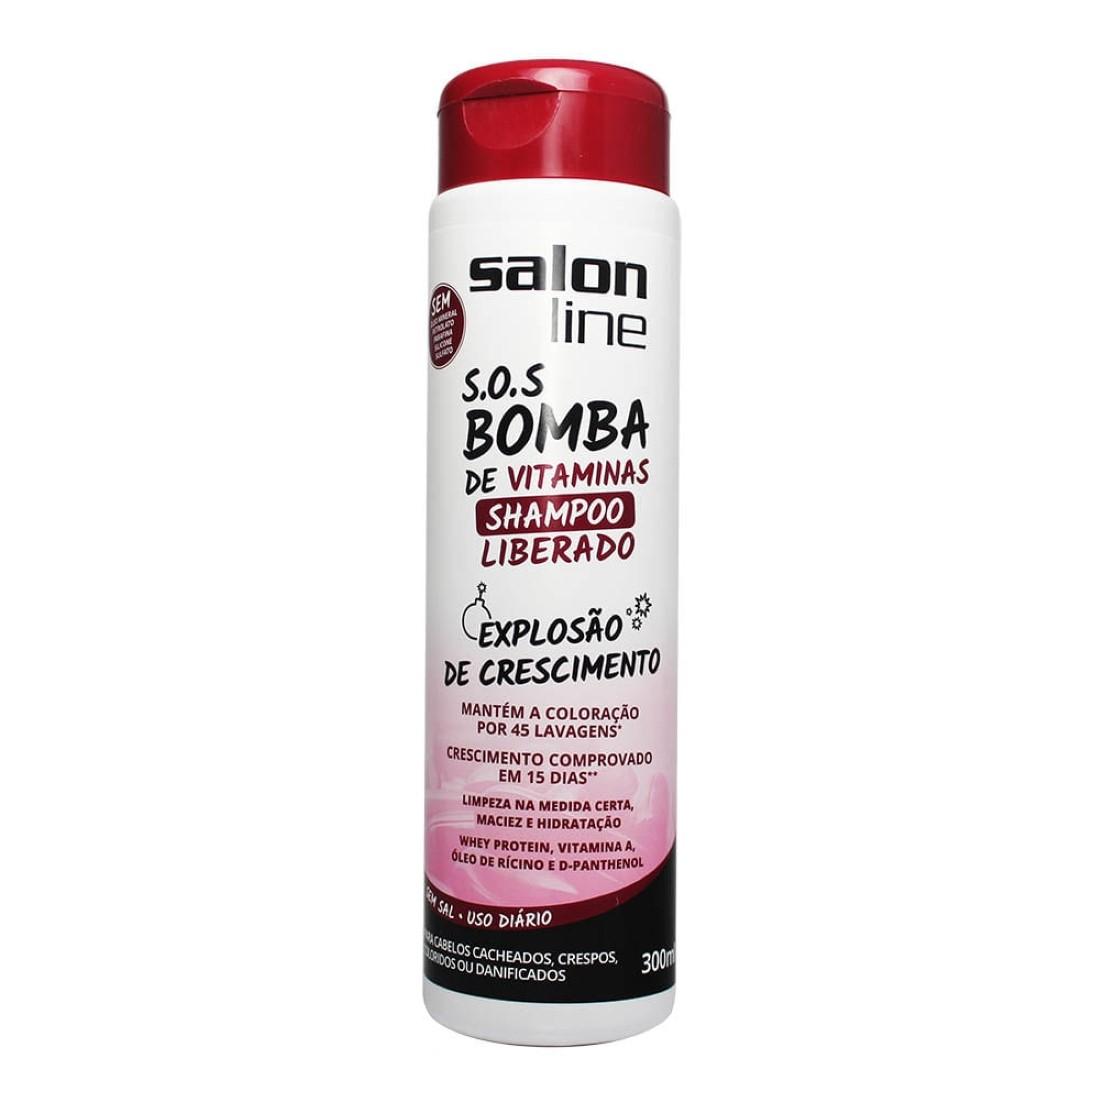 Shampoo Liberado SOS Bomba de Vitaminas 300ml - Salon Line